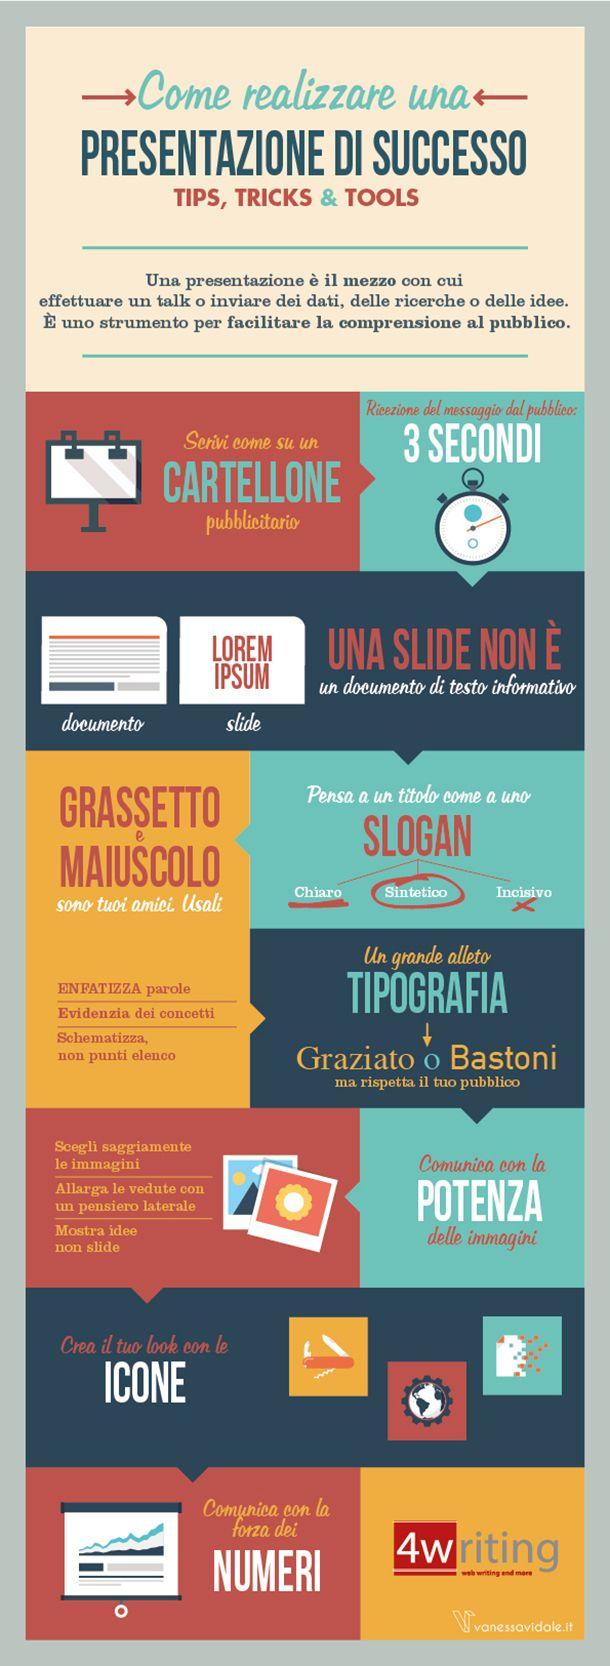 Come realizzare una presentazione di successo >> tips, tricks & tools [infografica]